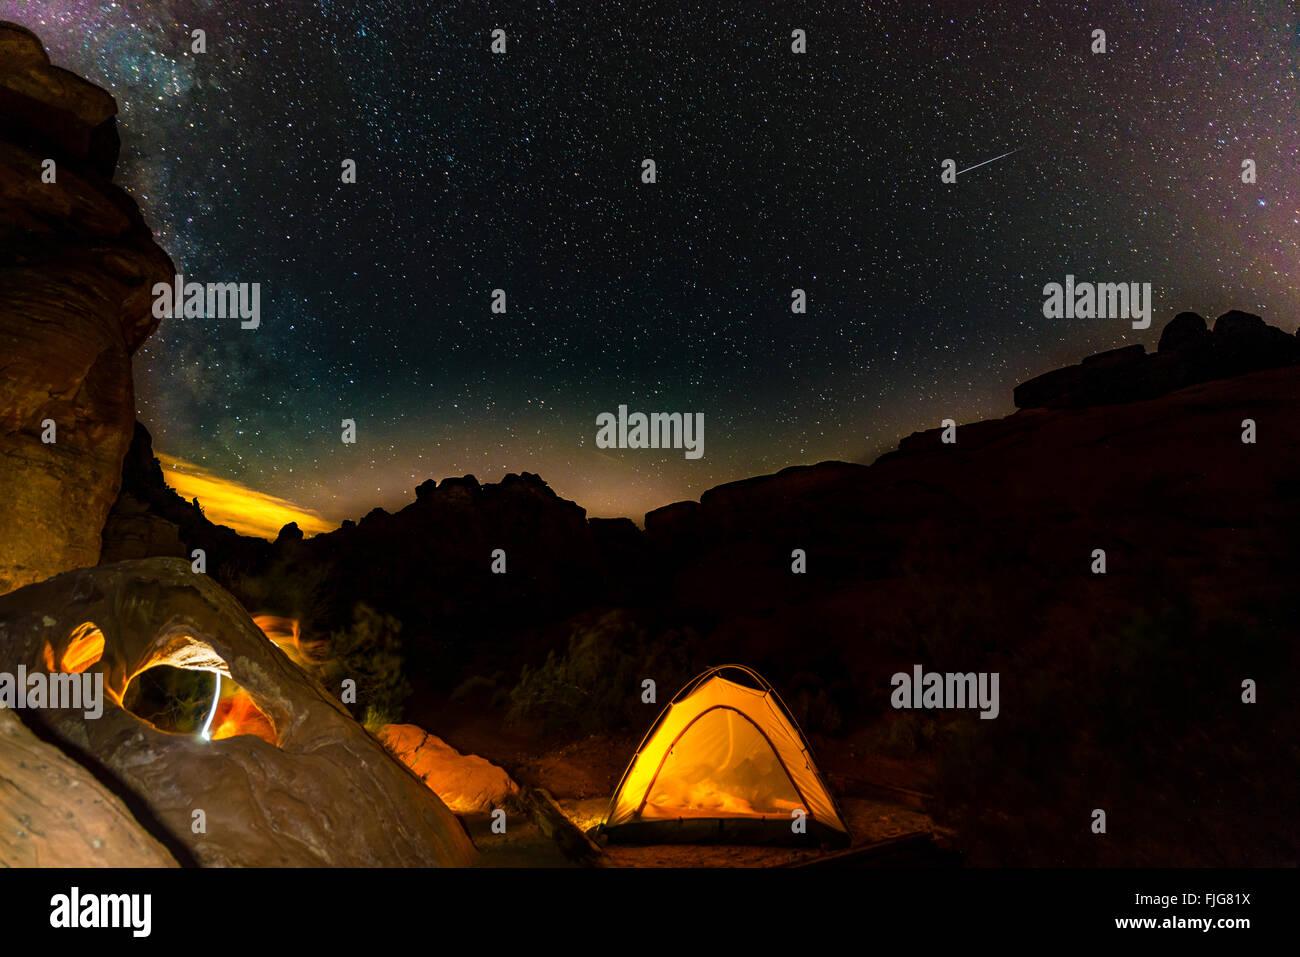 Tienda de campaña en un campamento con cielo estrellado, escena nocturna, Wildrose Camping, Parque Nacional Imagen De Stock